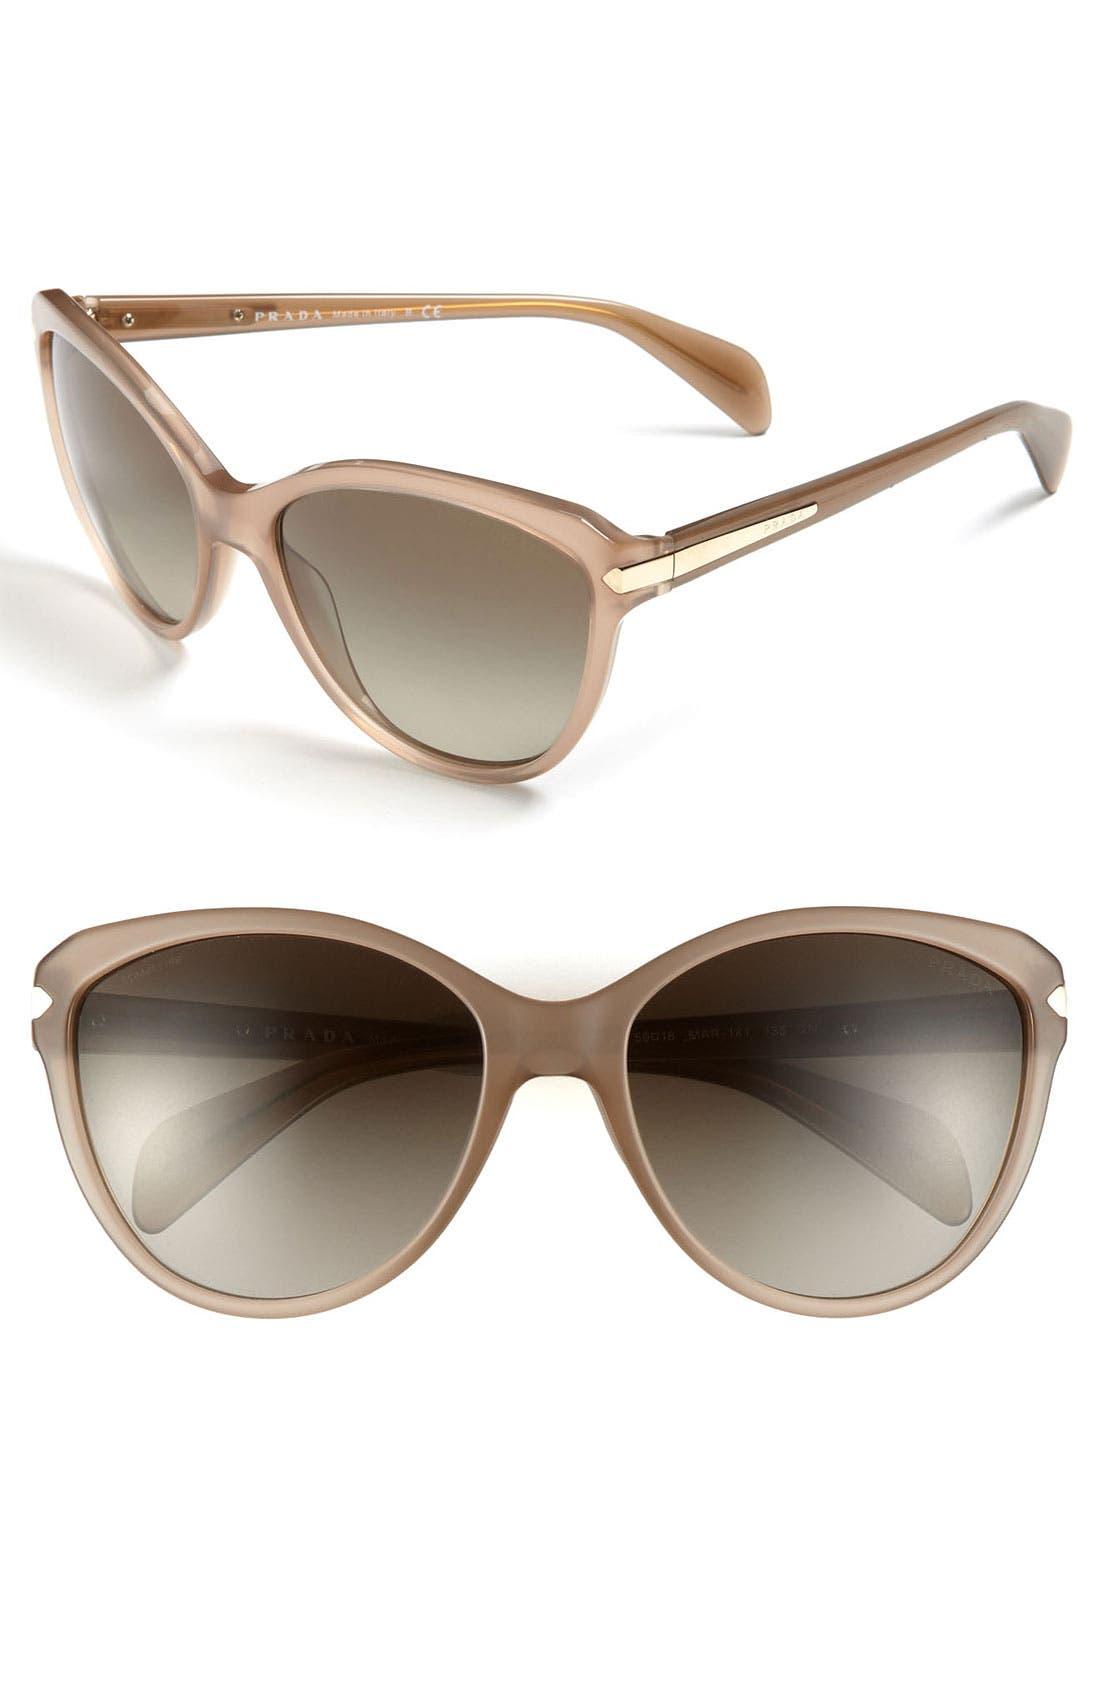 Main Image - Prada 59mm Cat's Eye Sunglasses